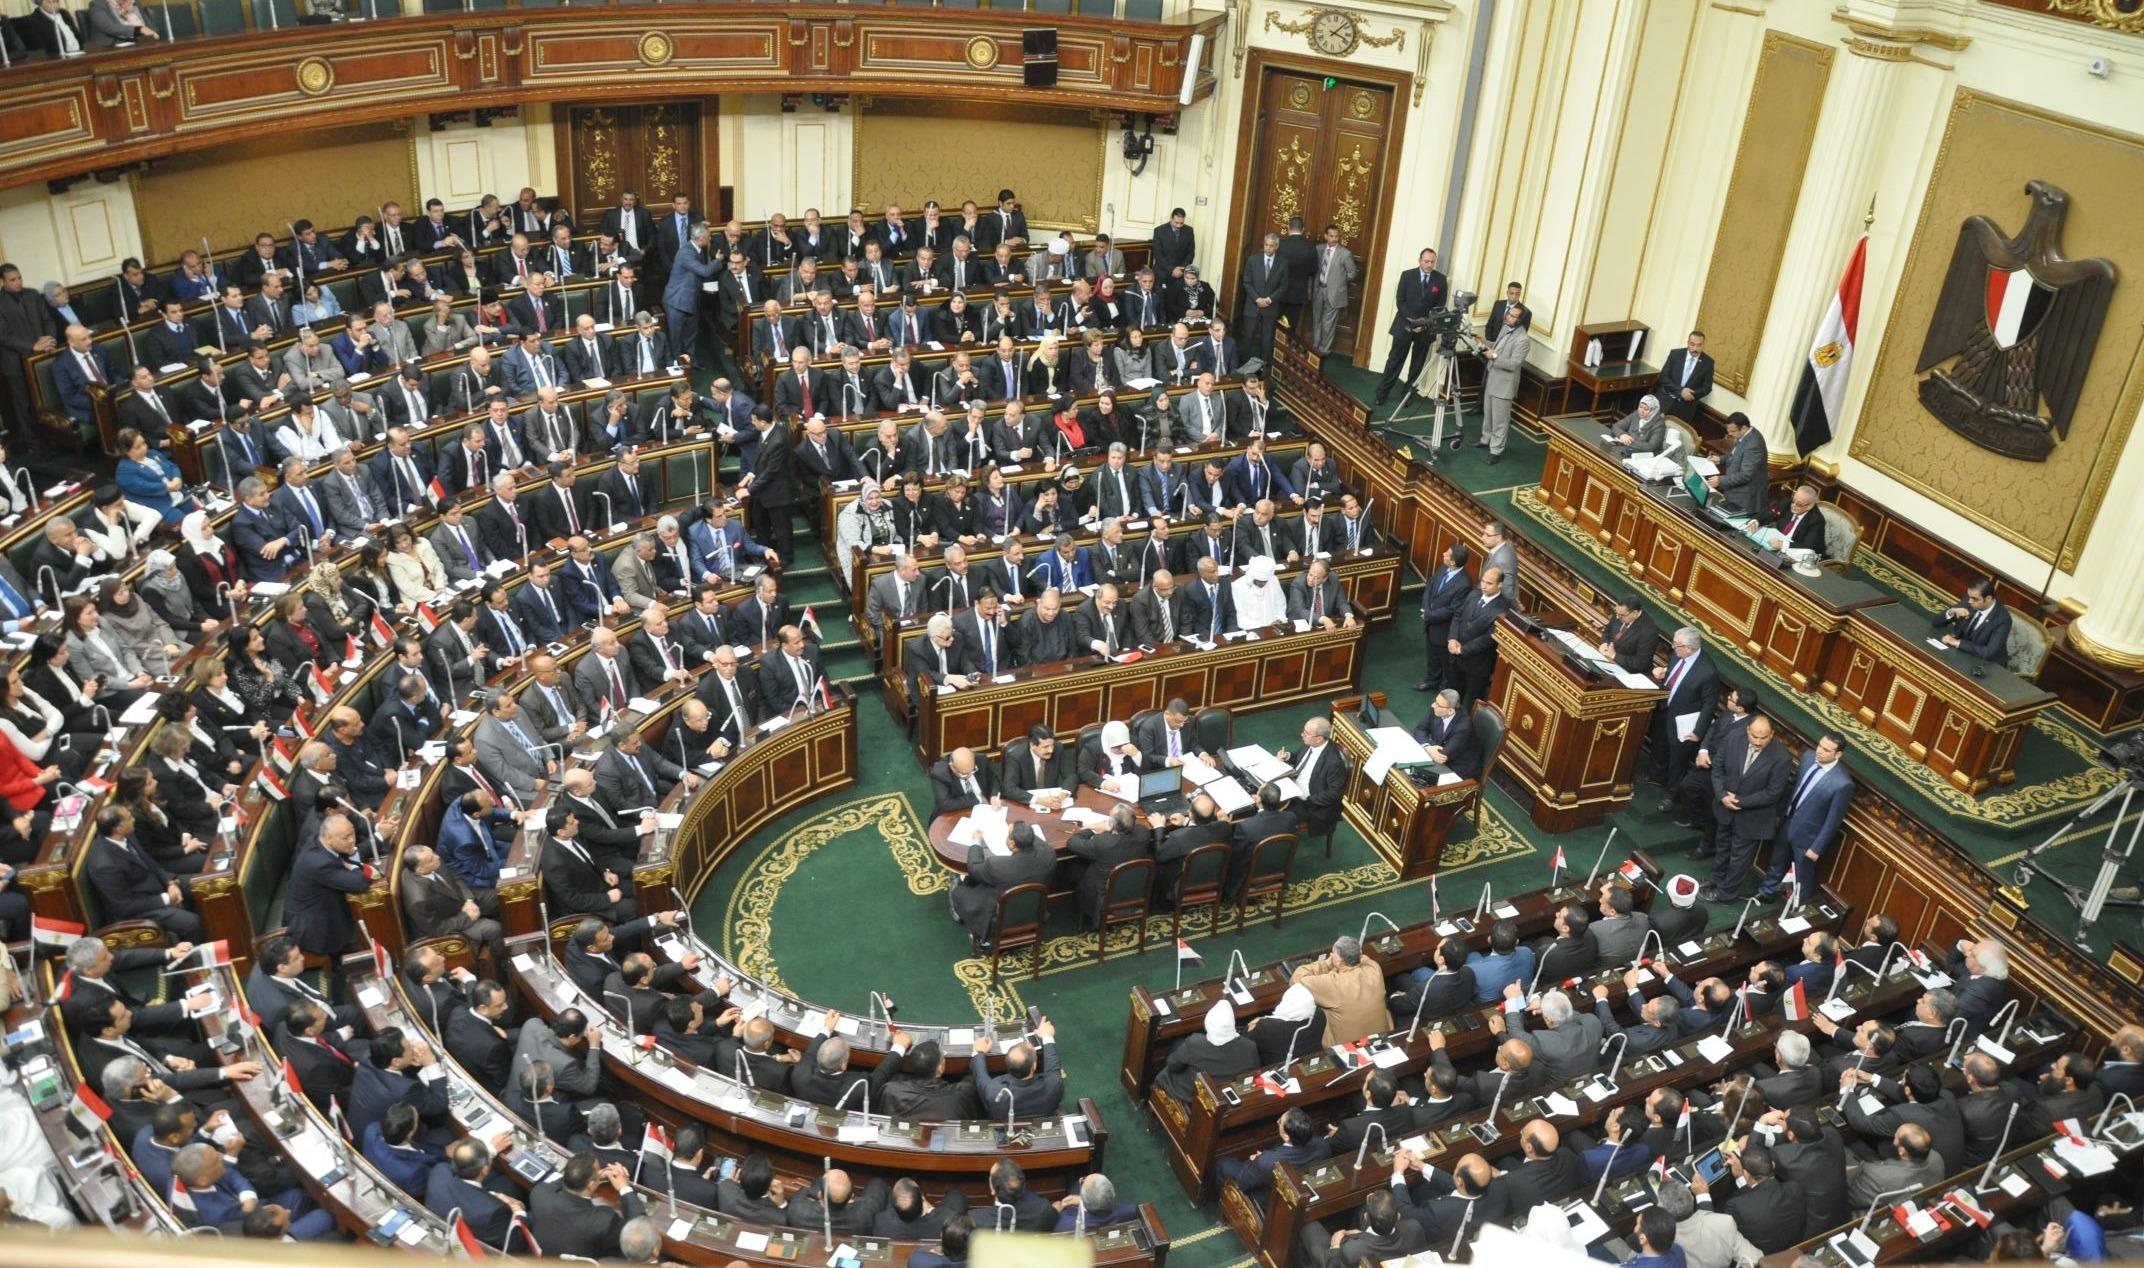 بعد «التشريعية».. لجنة «الأمن القومي» بالبرلمان توافق على «سعودية تيران وصنافير»